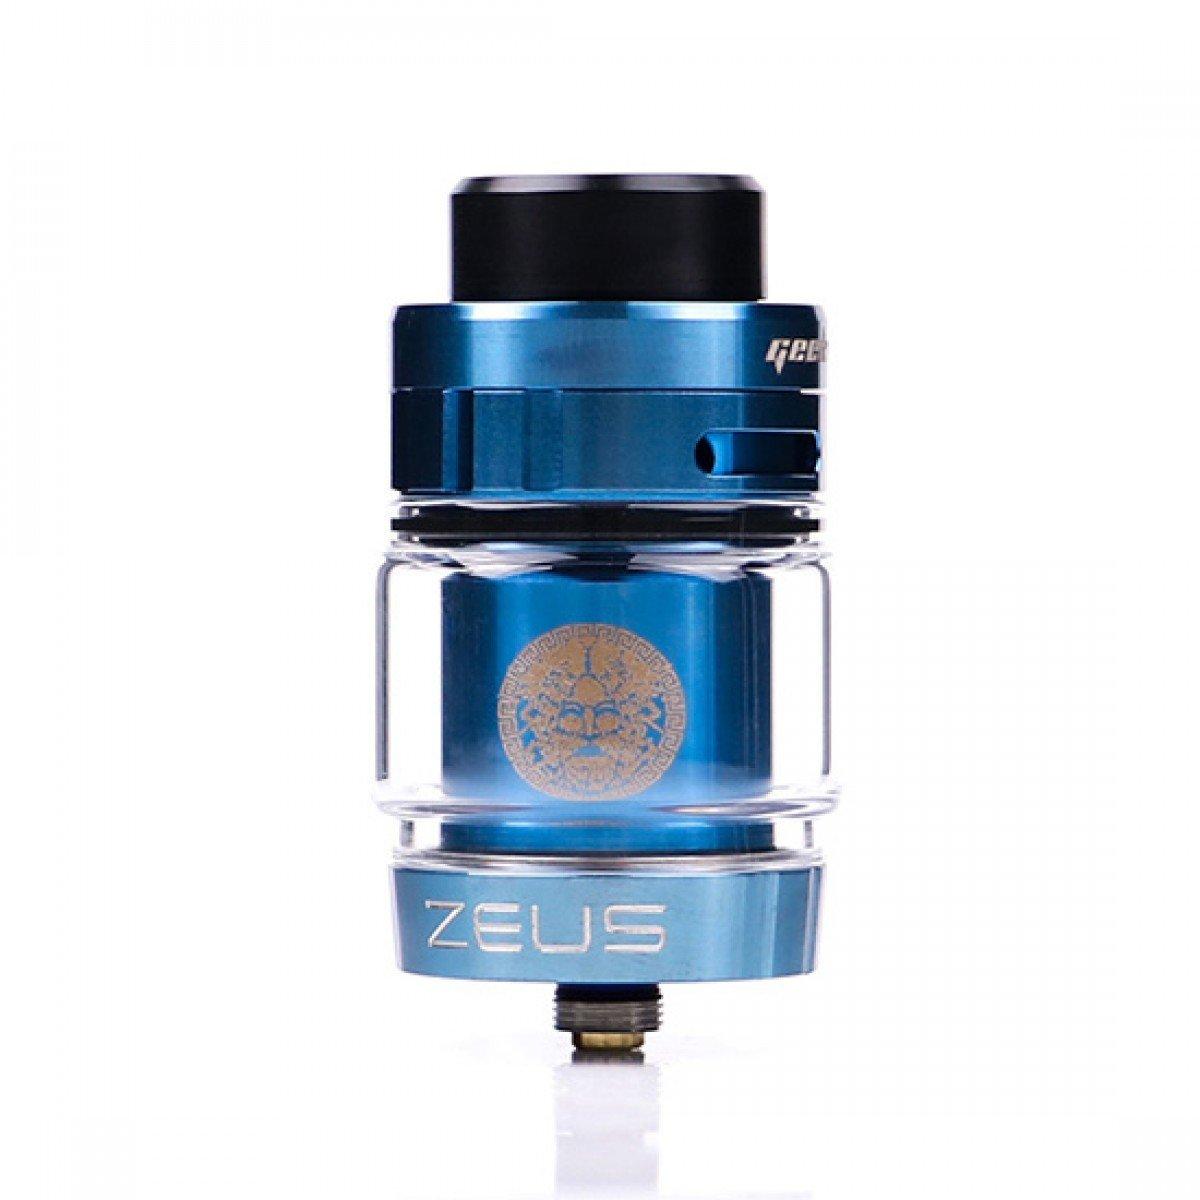 Geek Vape Zeus Dual RTA زيوس كويلين ار تي اي من جيك فيب